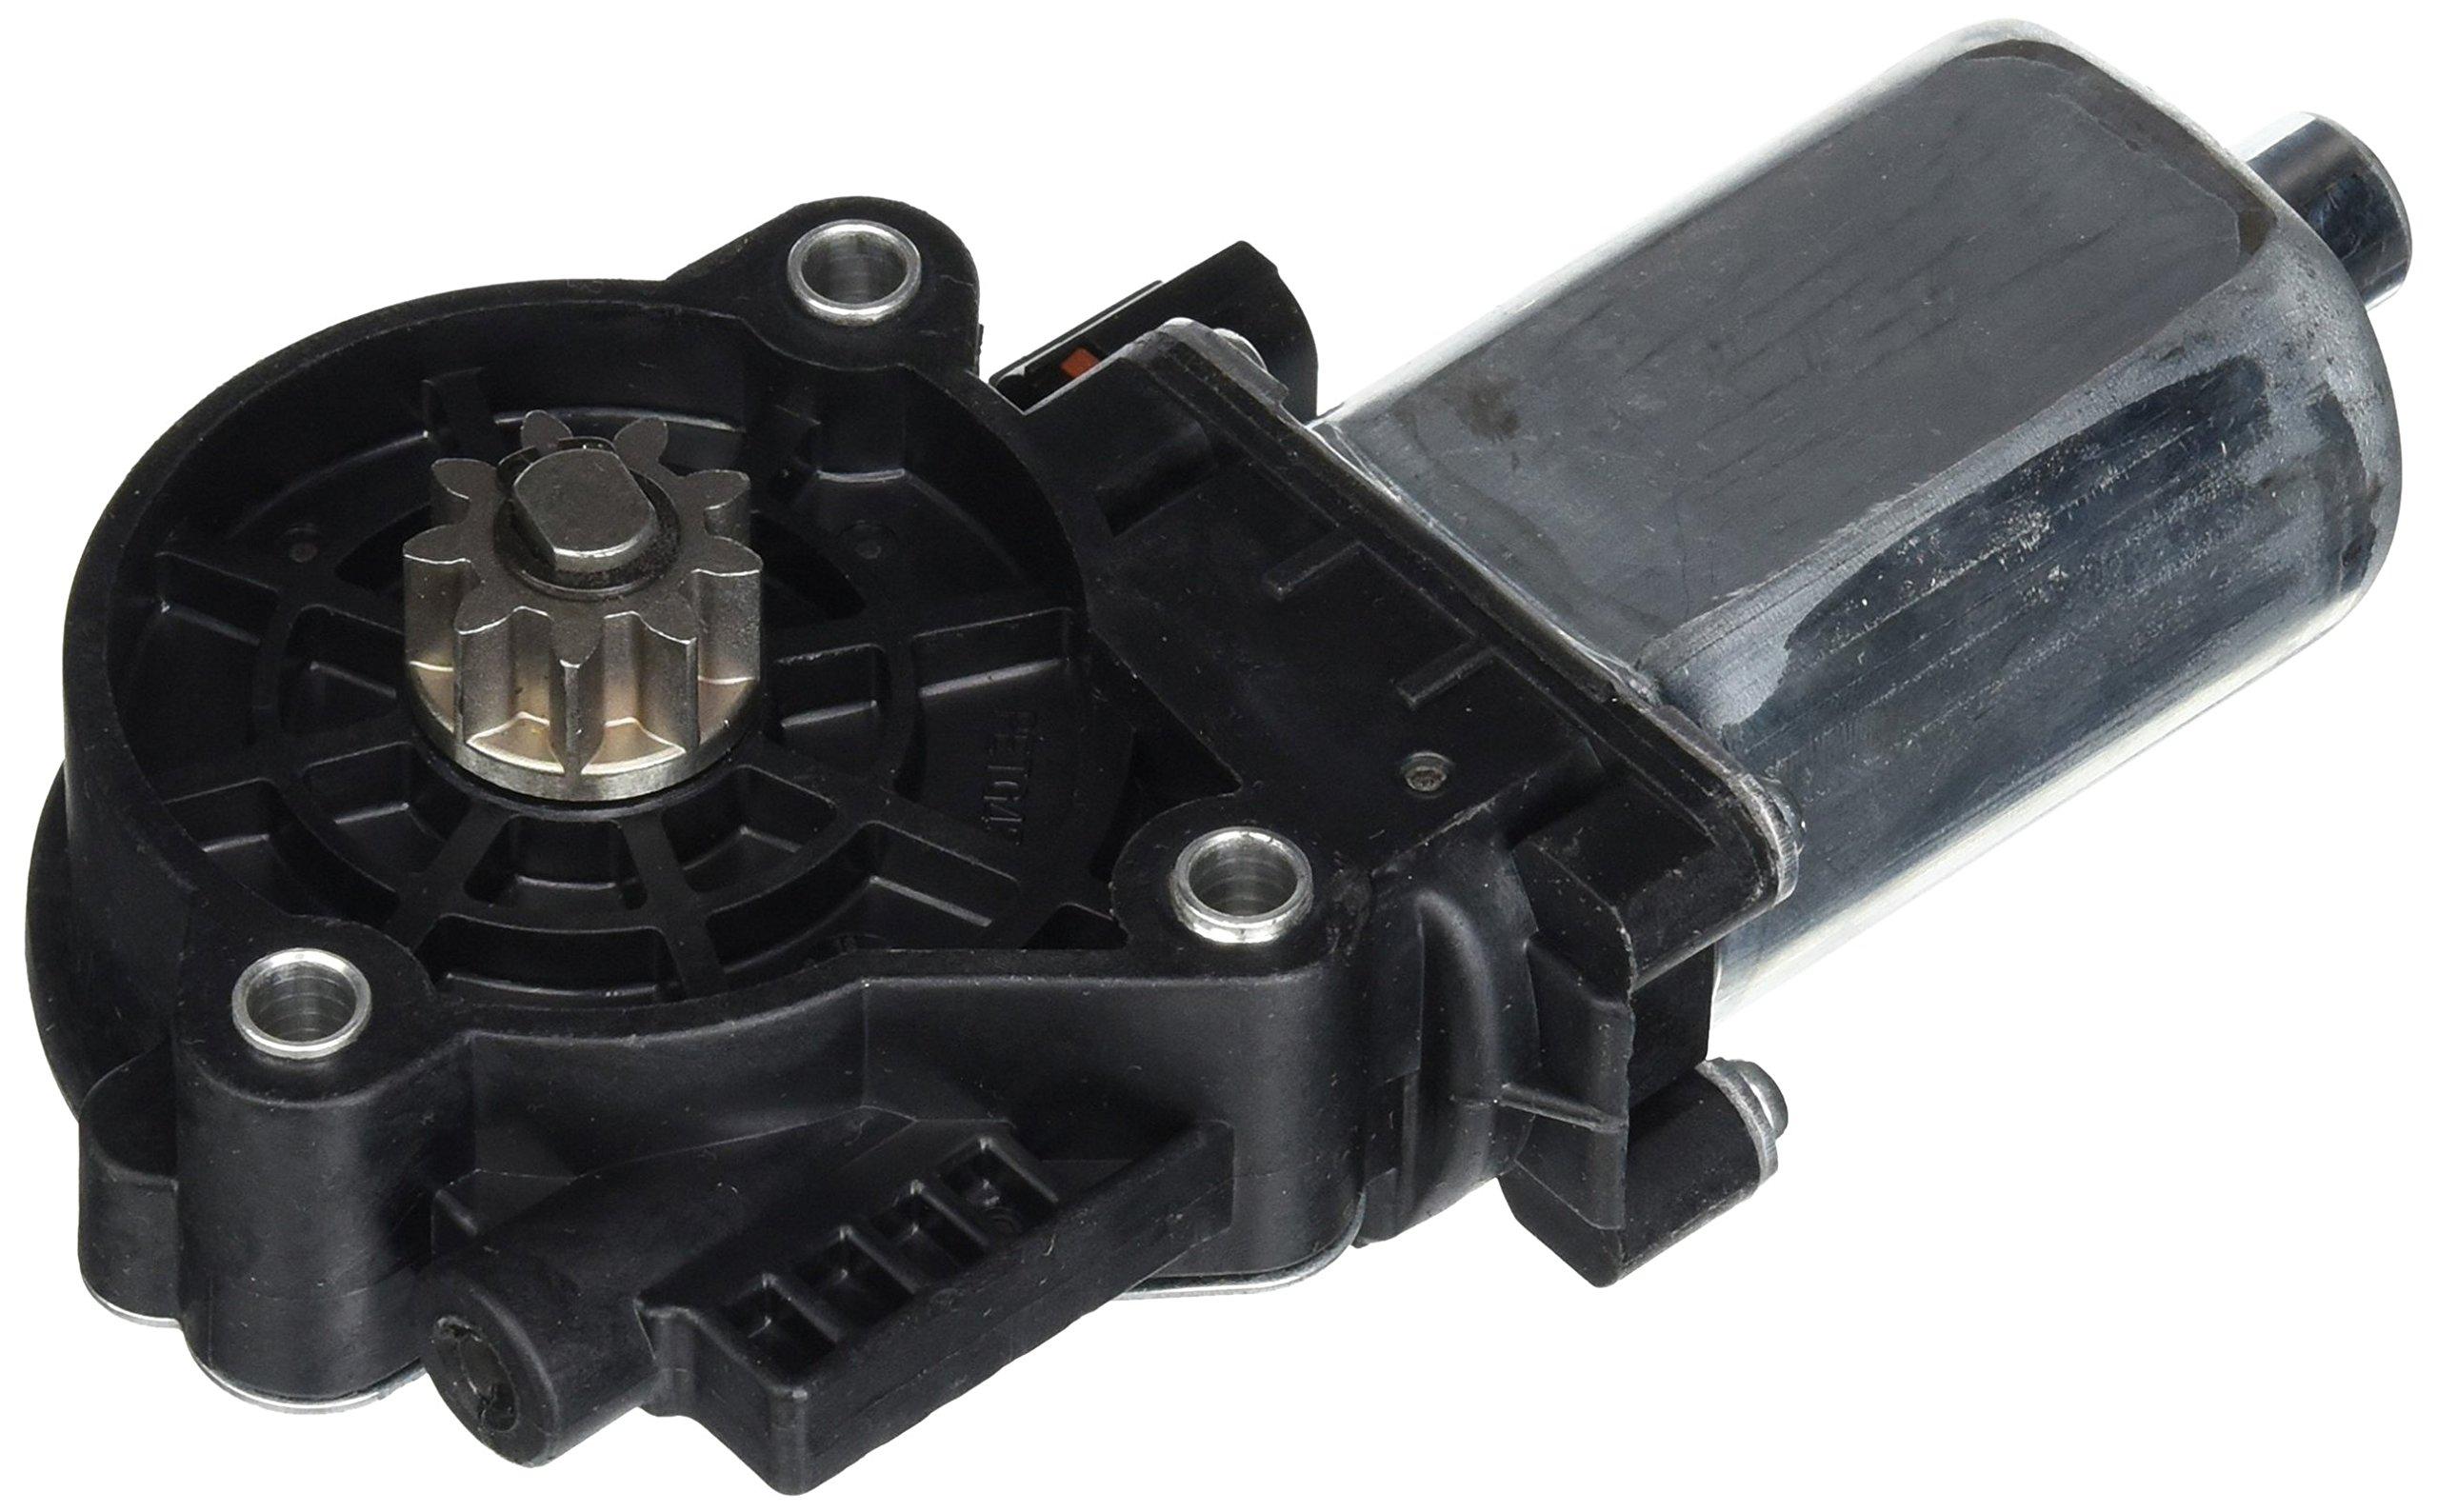 Kwikee 1820124 25 Series Motor